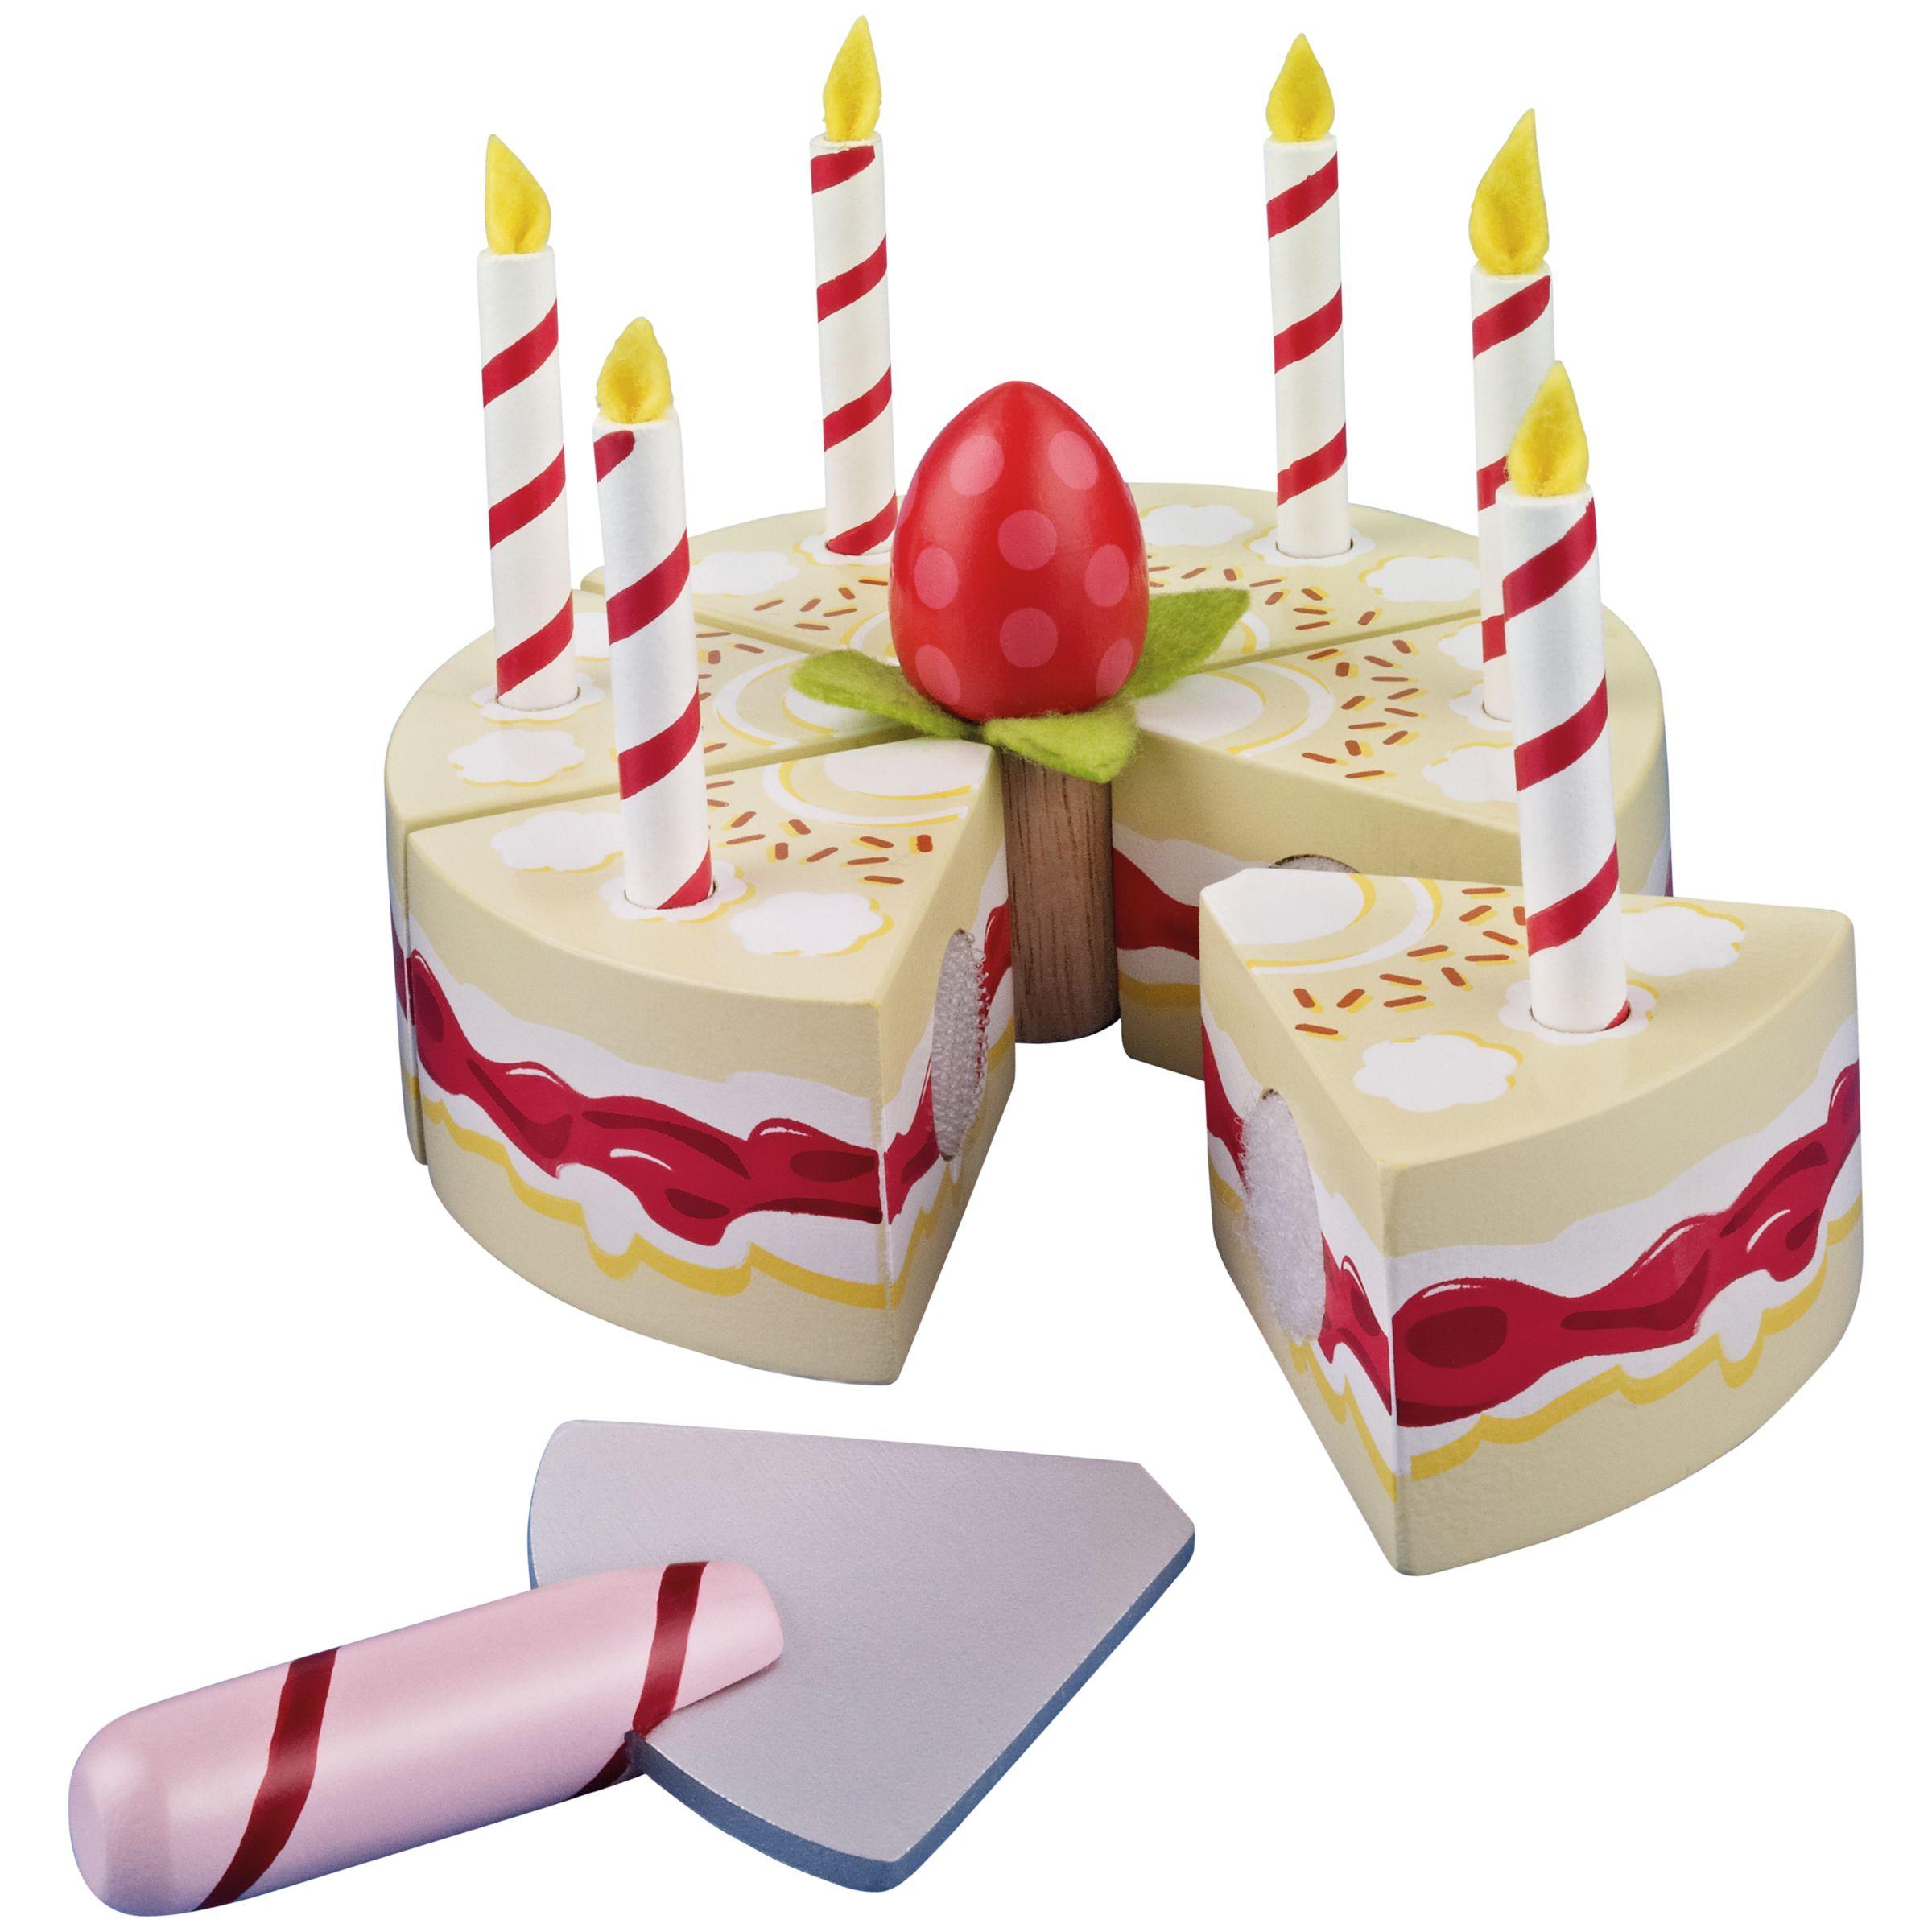 Birthday Cake John Lewis : Buy John Lewis Birthday Cake John Lewis